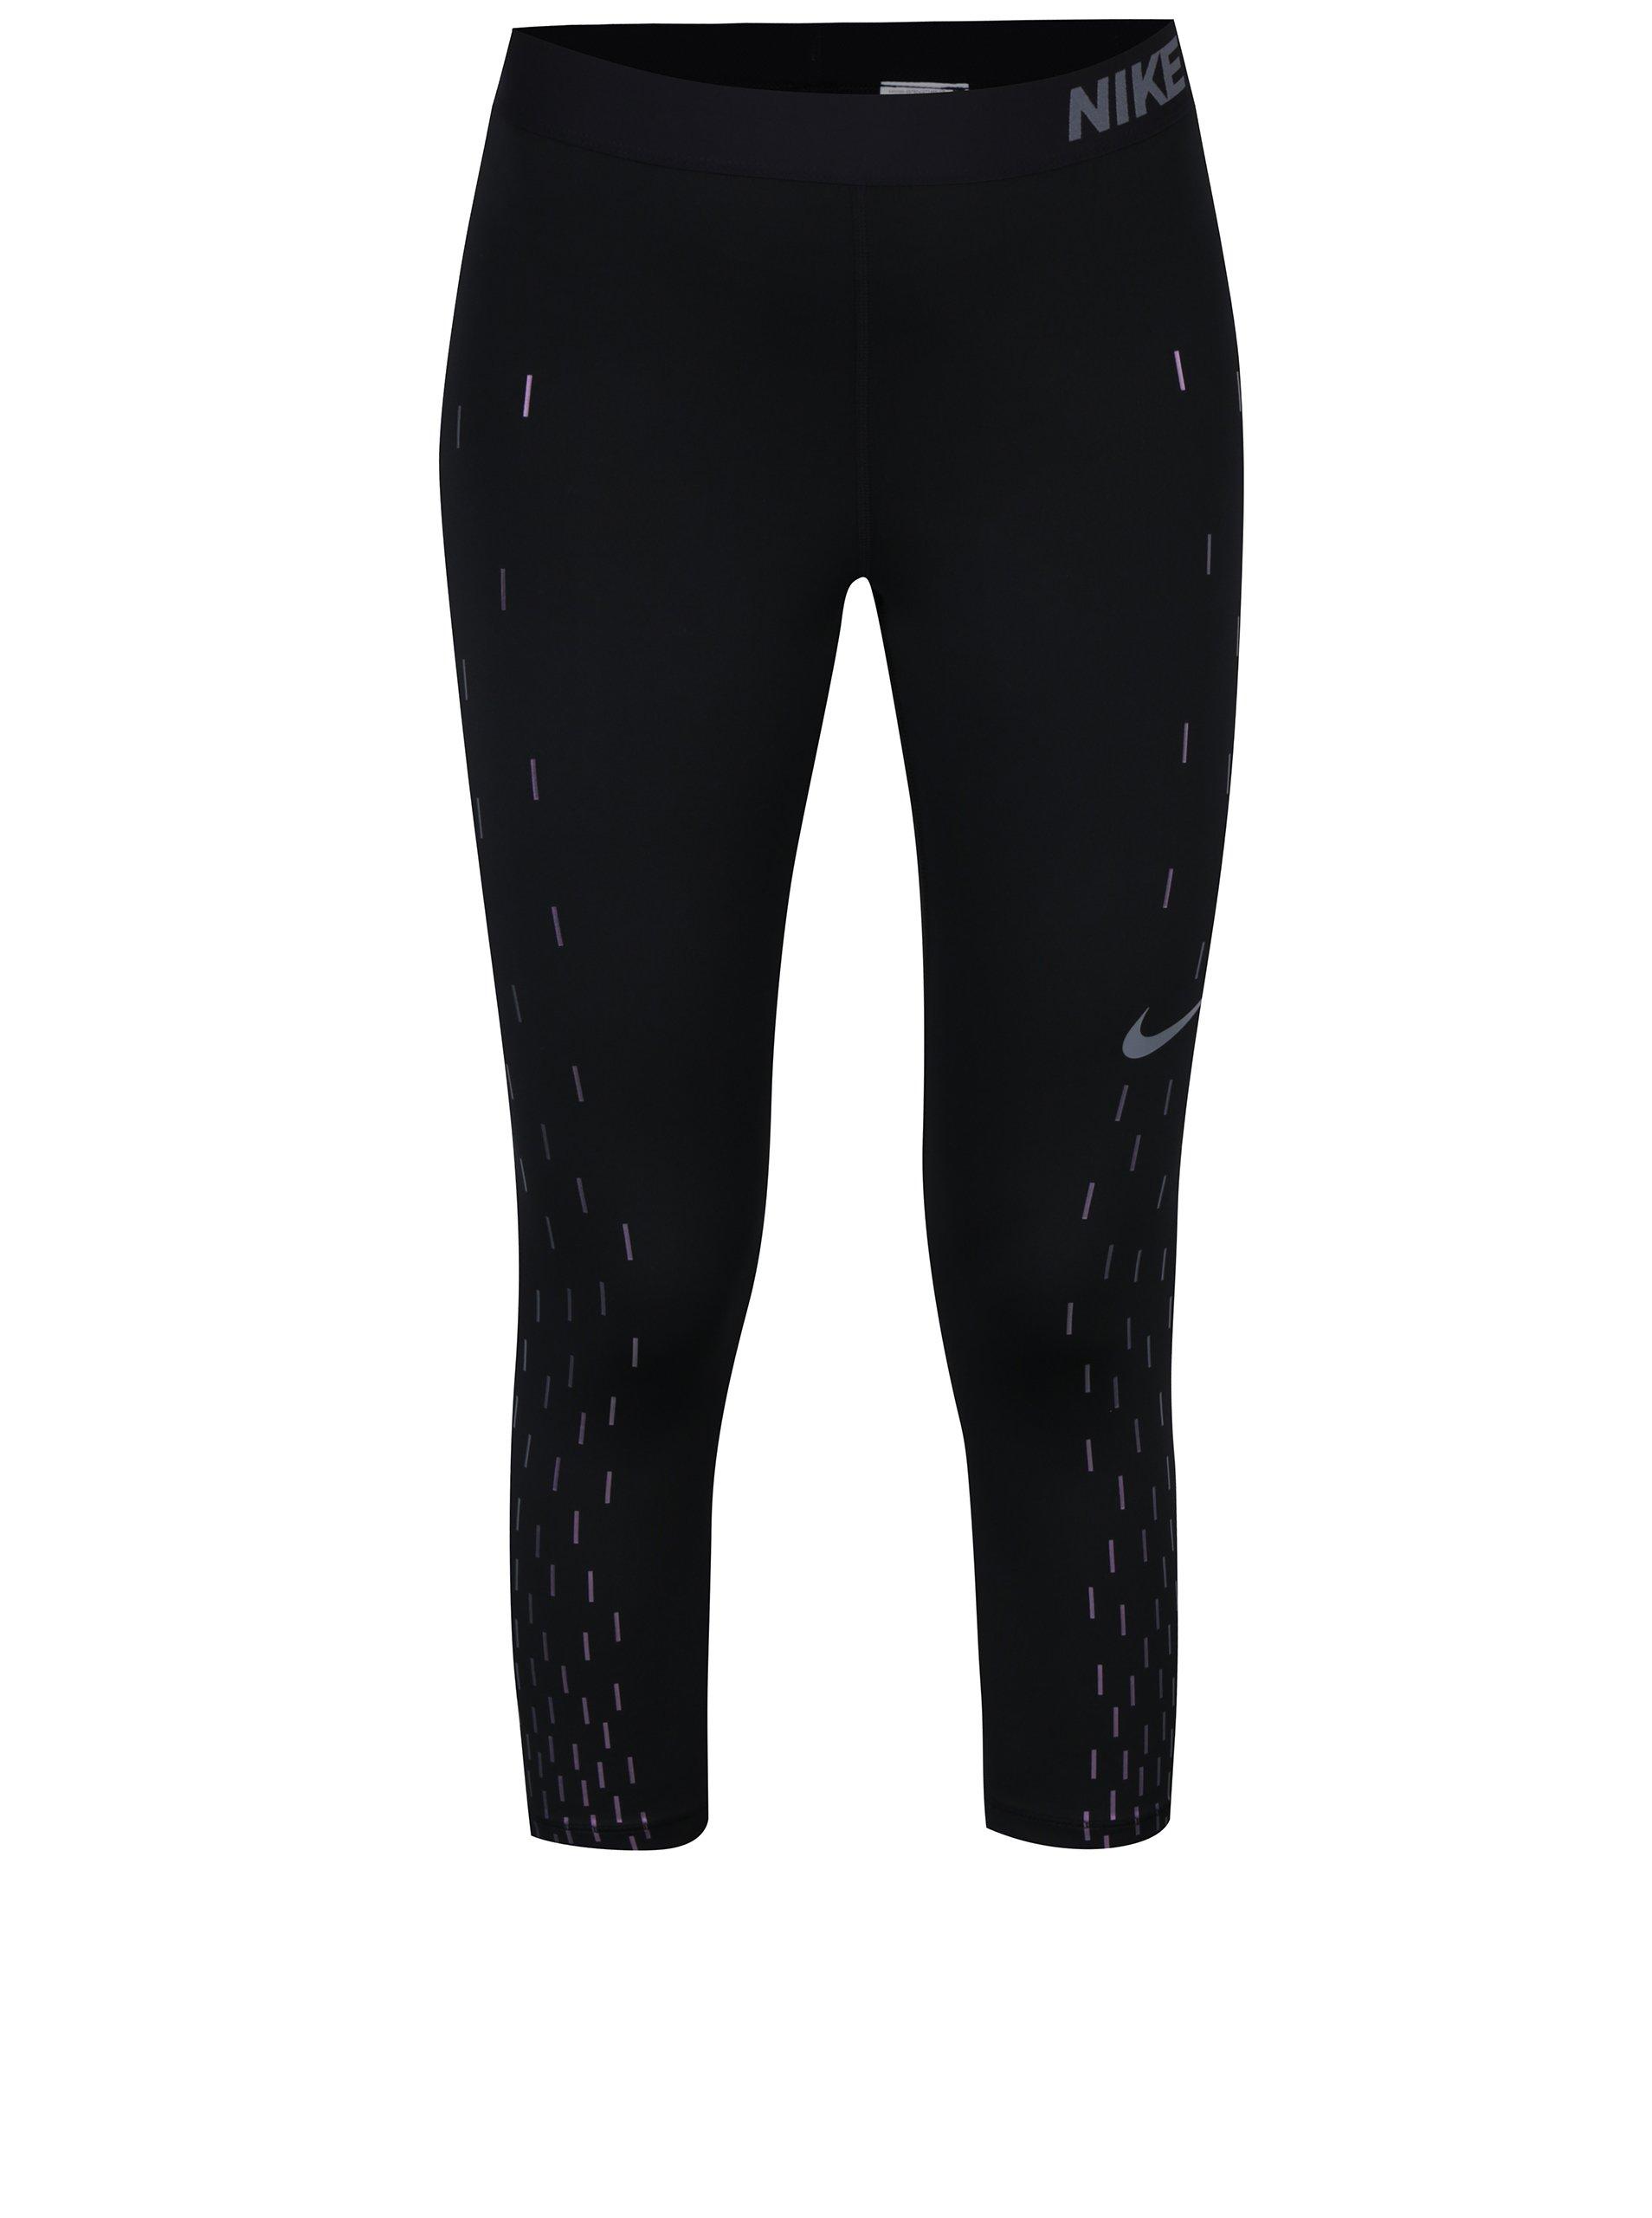 Černé dámské funkční 3/4 legíny s potiskem Nike